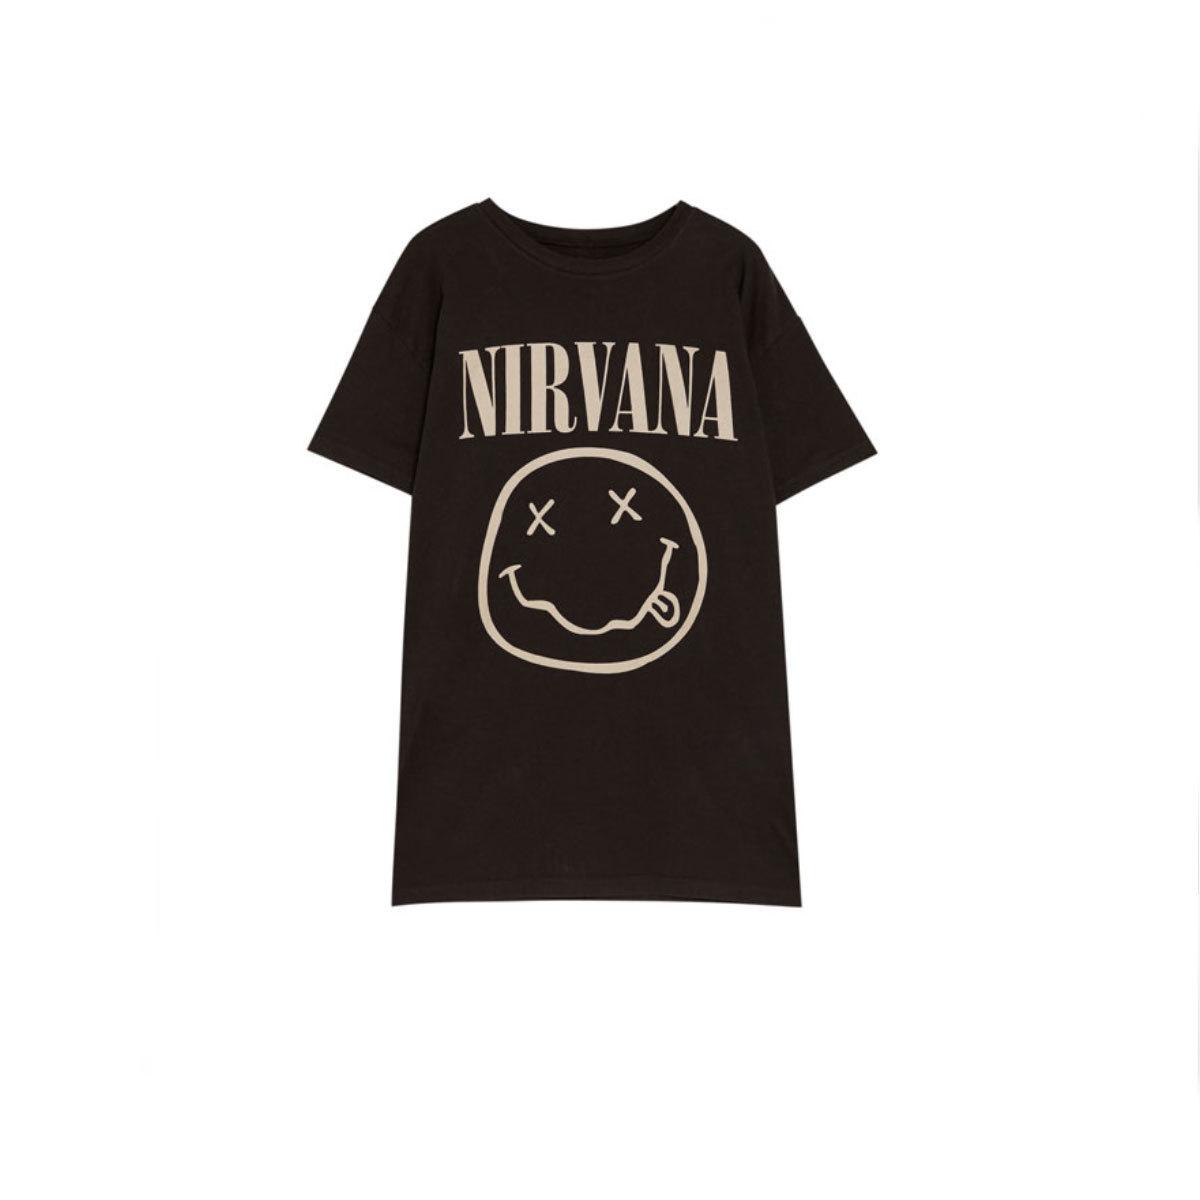 Camiseta de Nirvana, de Pull&Bear (14,59 euros).